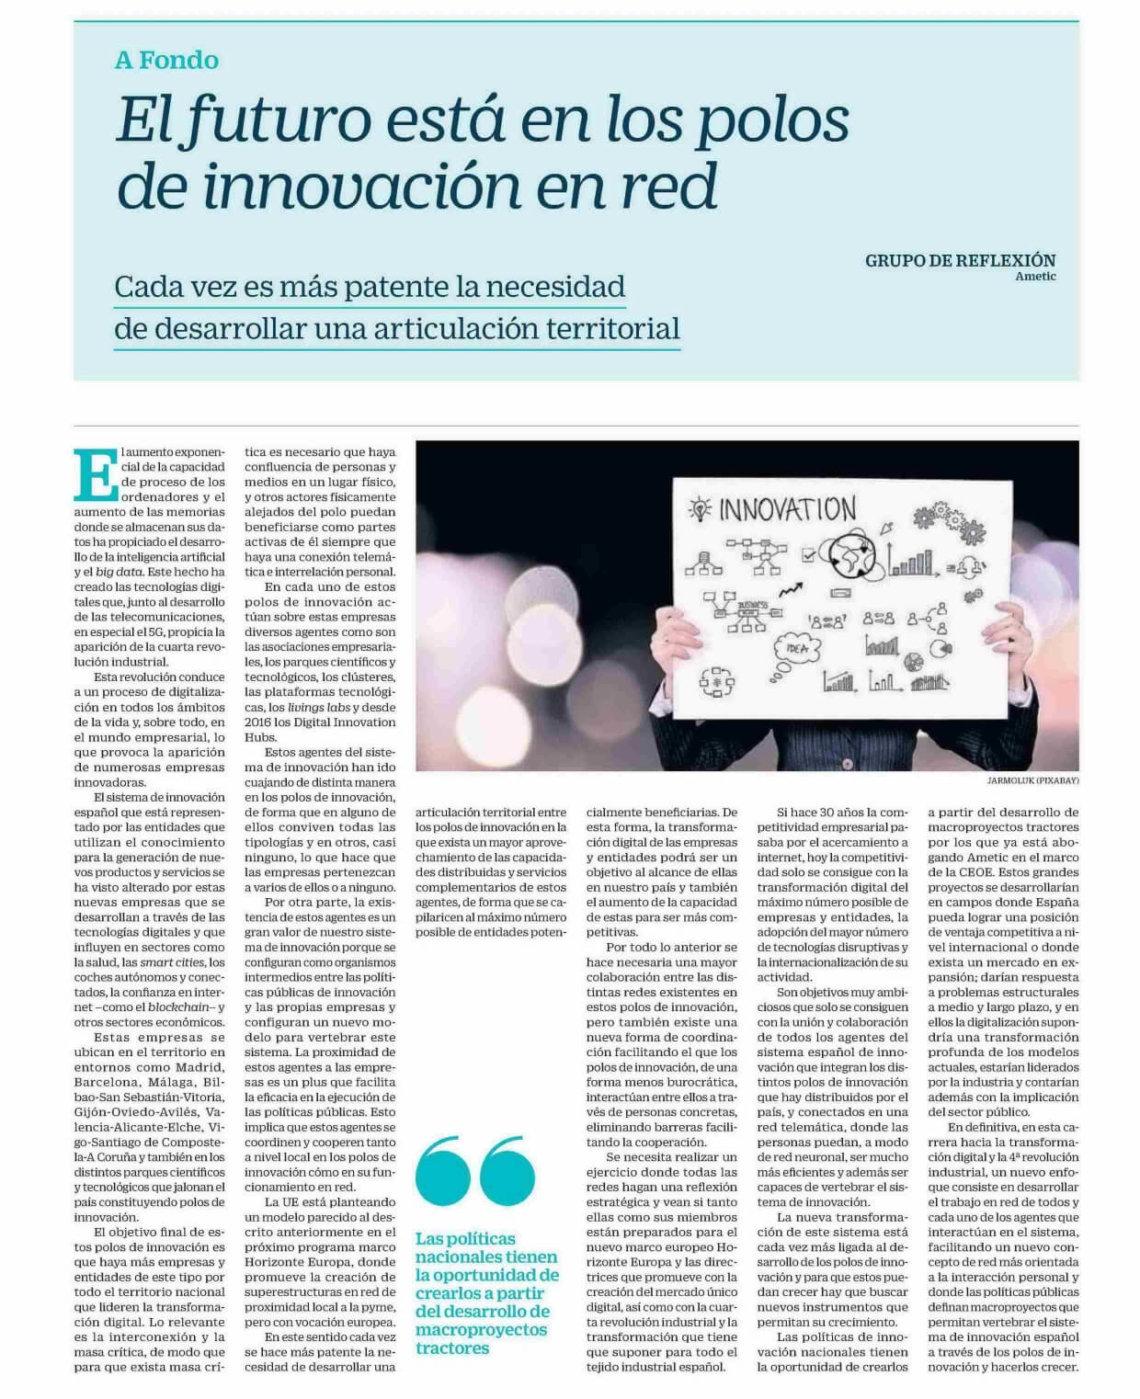 Polos de innovación en red